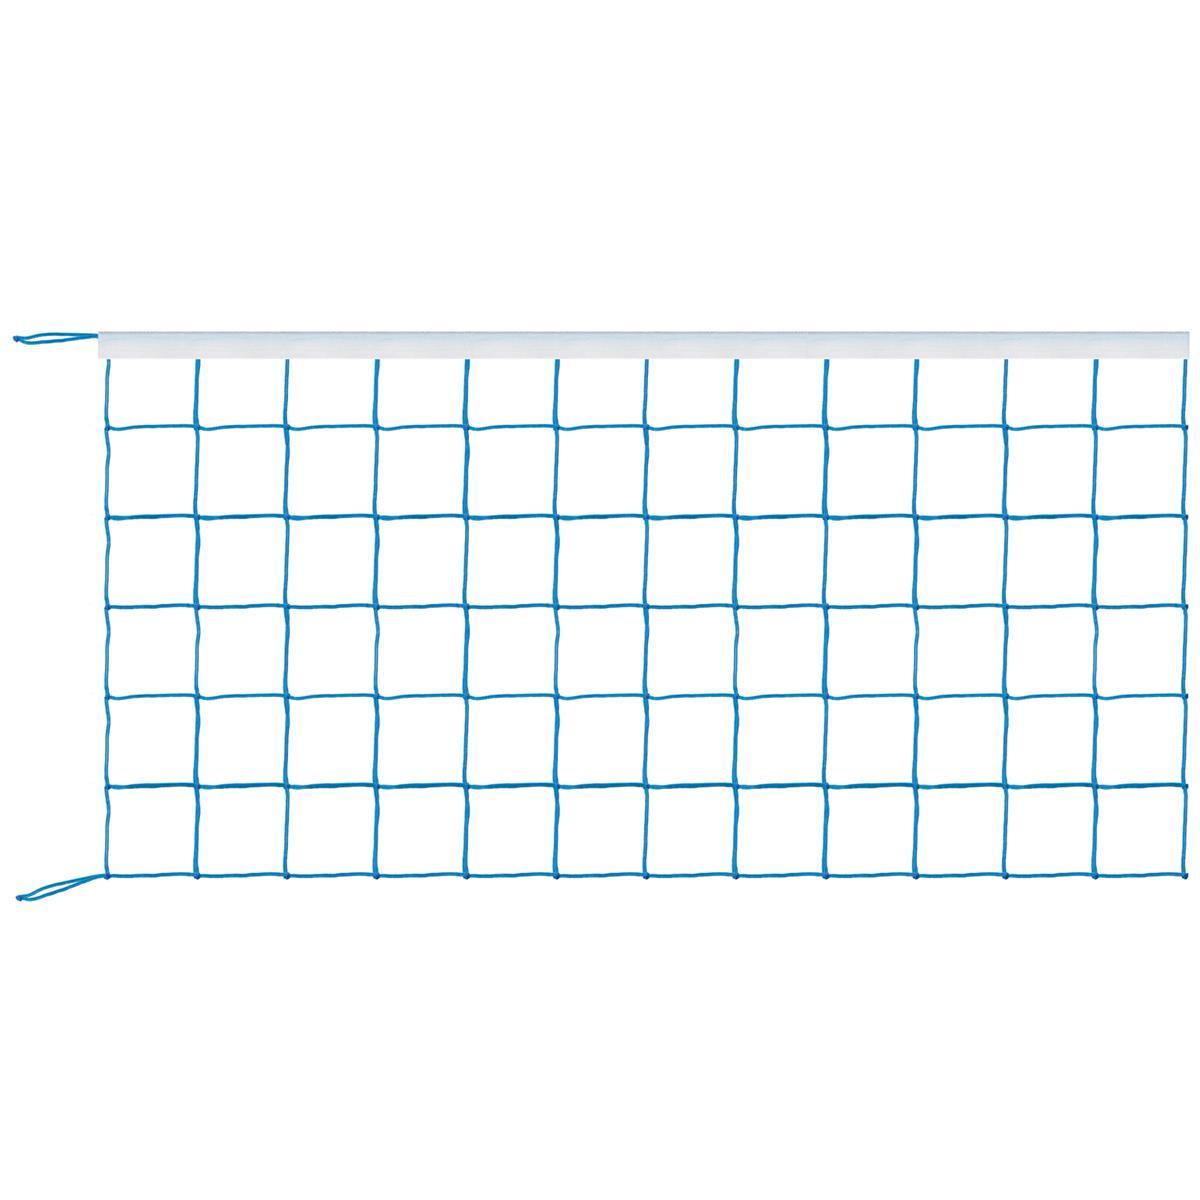 Rede de Vôlei 1 Lona Sintética Fio 1,5 mm em Nylon na cor Azul Royal - Kit Sport